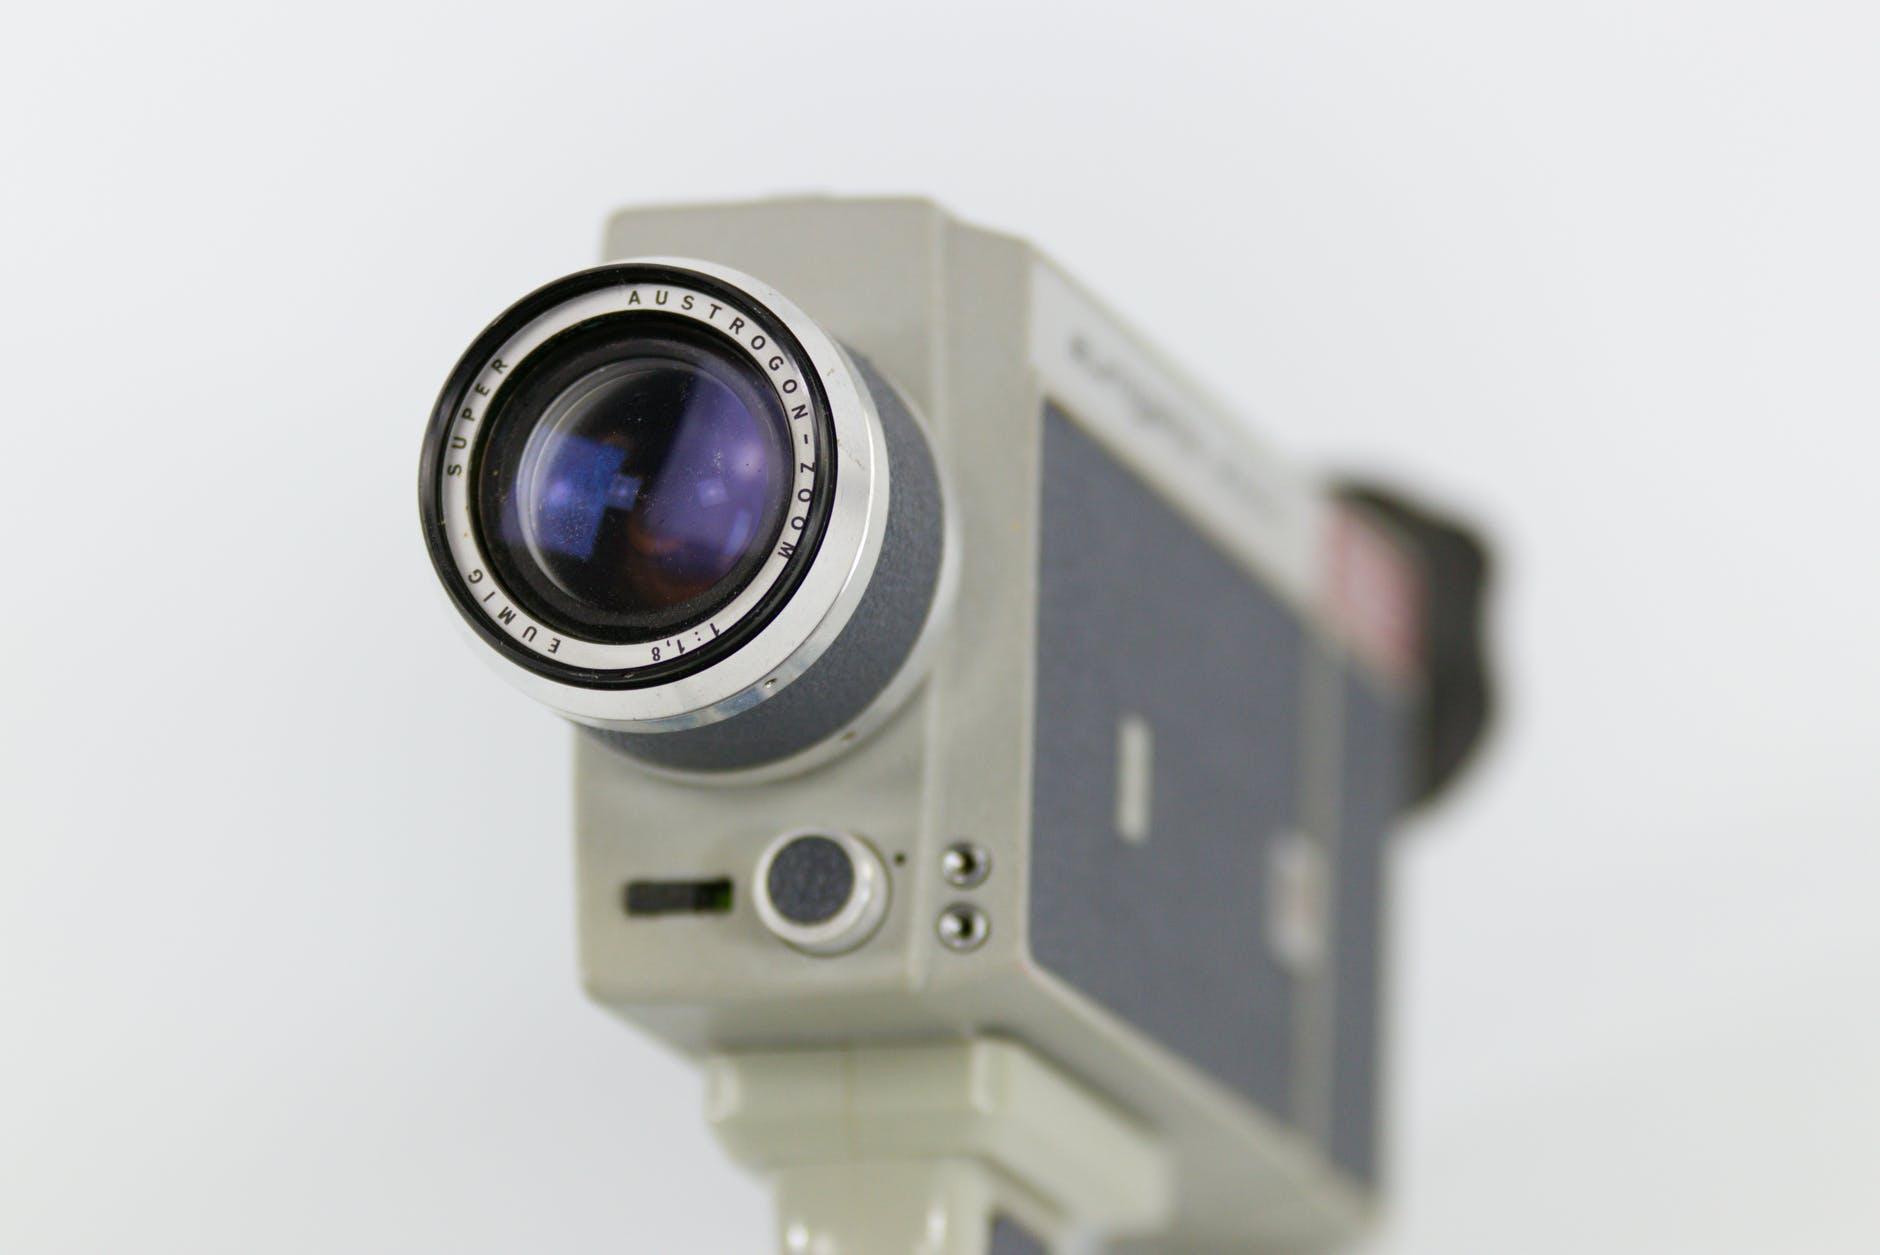 Il riconoscimento facciale biometrico e le Linee guida sulla videosorveglianza